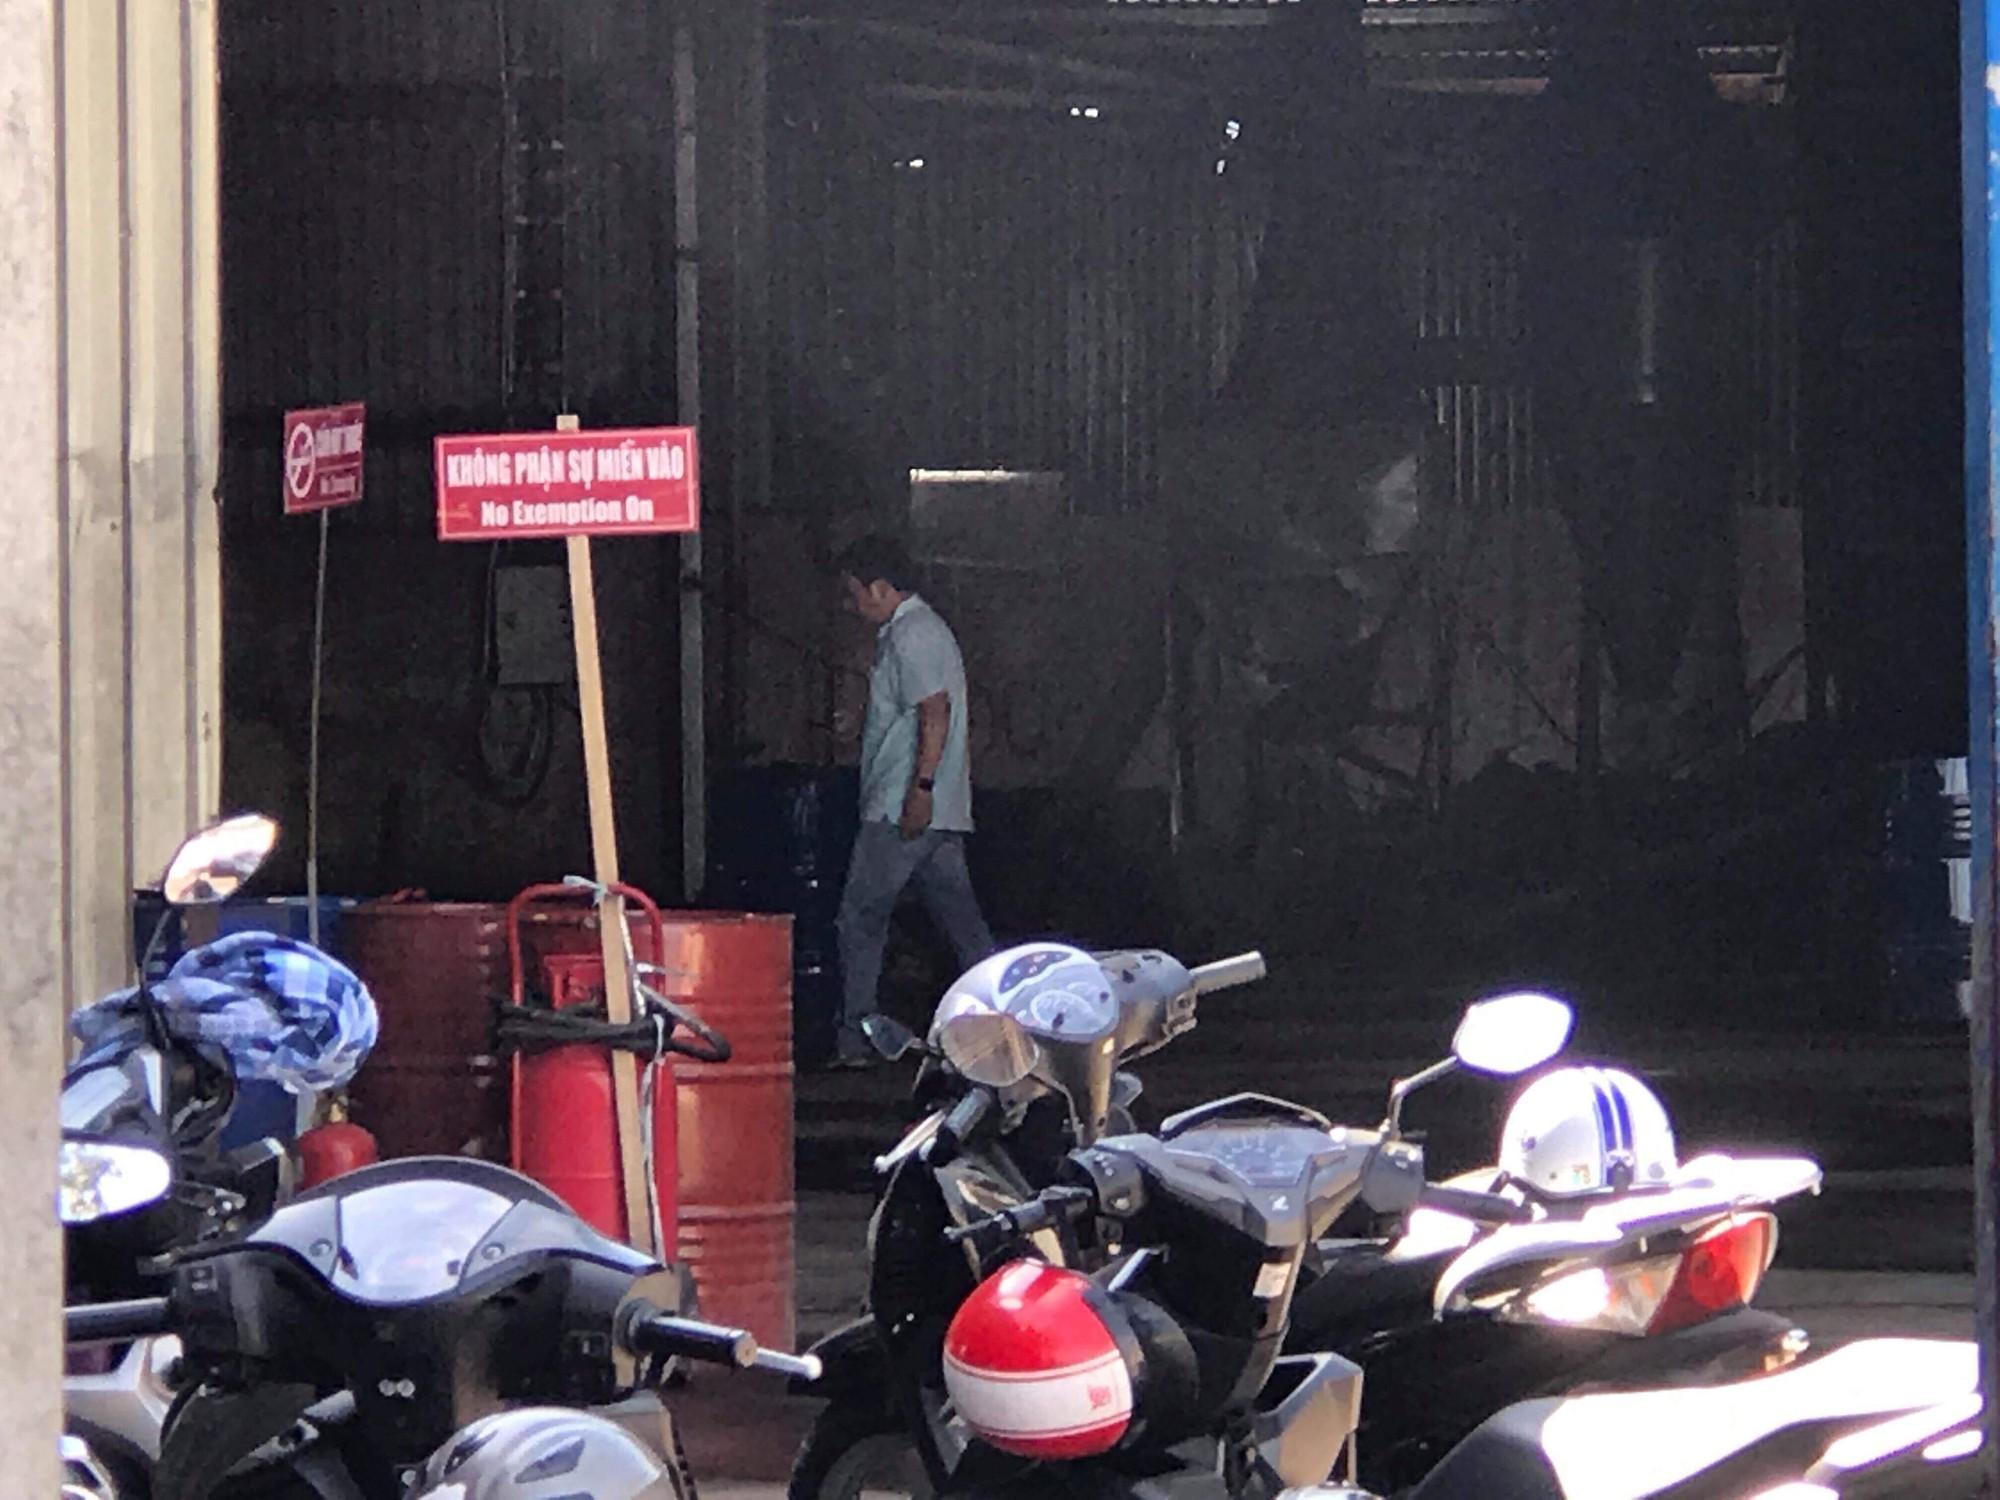 Sang chiết xăng dầu gây cháy kinh hoàng ở Sài Gòn, 2 người nhập viện vì bỏng nặng - Ảnh 1.